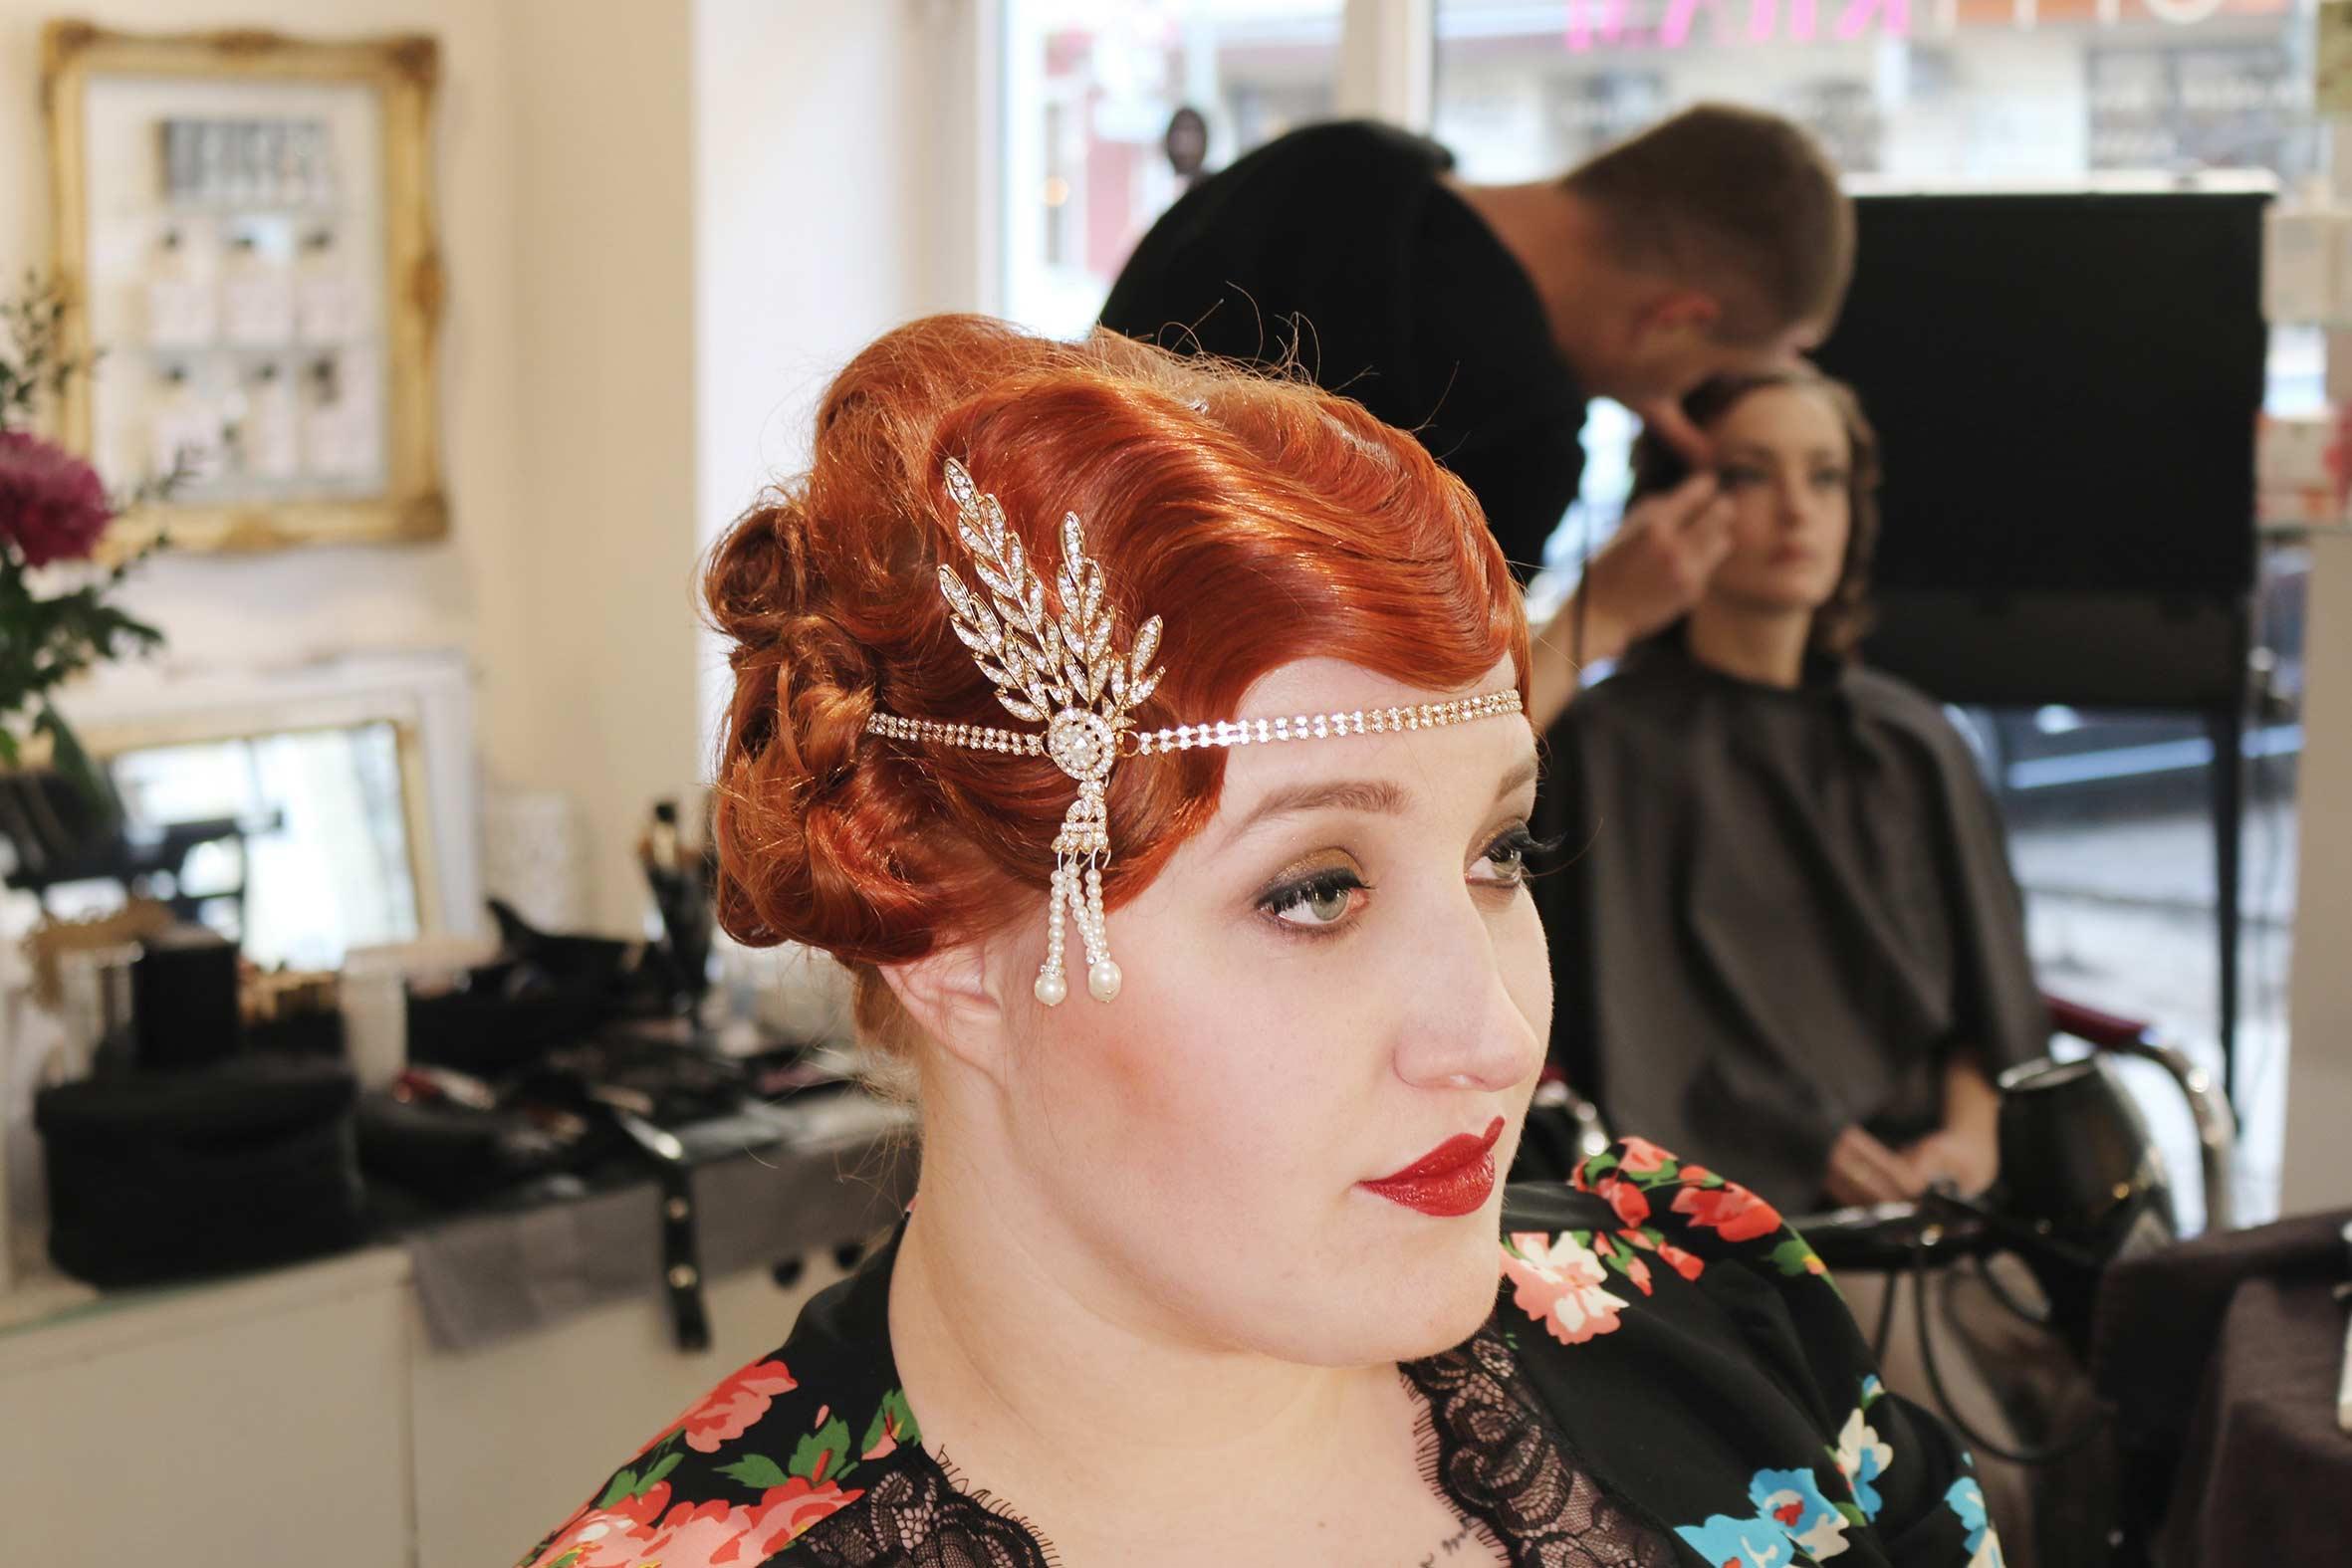 wasserwelle bei roten haaren im zwanziger jahre stil mit klapsband